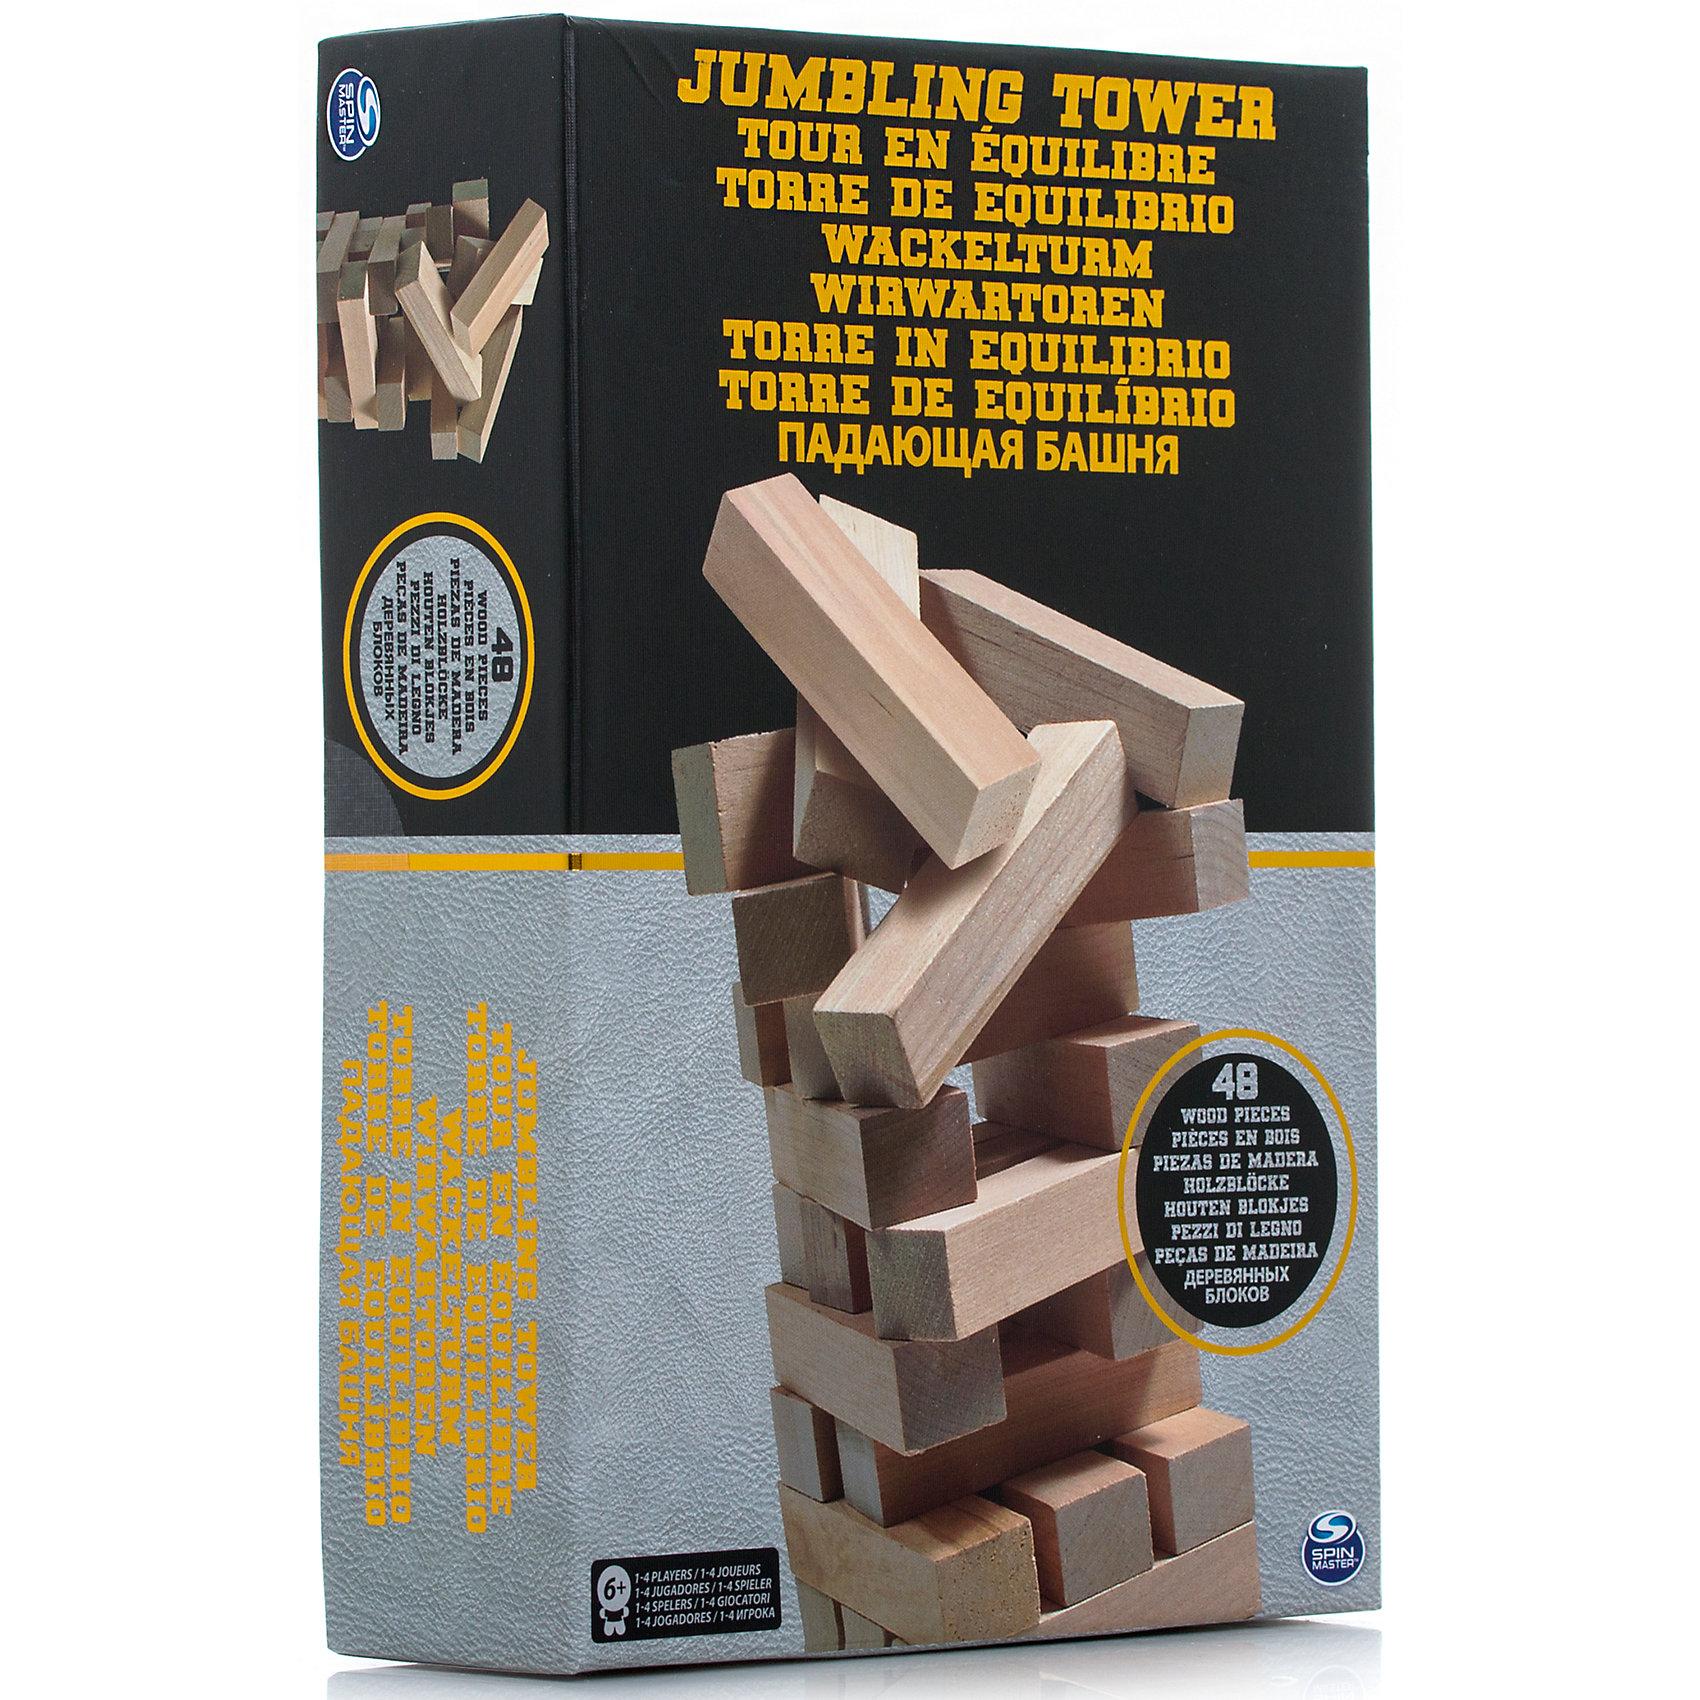 Настольная игра Падающая башня, 48 блоков, Spin MasterНастольные игры для всей семьи<br>Характеристики товара:<br><br>• возраст от 6 лет;<br>• материал: дерево;<br>• в комплекте: 48 блоков;<br>• количество игроков: до 4;<br>• размер блока 7,5 см;<br>• размер упаковки 28х19х7 см;<br>• страна производитель: Китай.<br><br>Настольная игра «Падающая башня» Spin Master — увлекательная игра для компании до 4 человек. Цель игры — построить высокую башню, а затем убирать из нее по одному брусочку и помещать его наверх. Только следует быть аккуратным и внимательным, вынимая брусочки. Башня не должна упасть, иначе игрок проиграет. Игра тренирует внимательность, аккуратность, смекалку, ловкость. <br><br>Настольную игру «Падающая башня» Spin Master можно приобрести в нашем интернет-магазине.<br><br>Ширина мм: 190<br>Глубина мм: 70<br>Высота мм: 280<br>Вес г: 1082<br>Возраст от месяцев: 72<br>Возраст до месяцев: 2147483647<br>Пол: Унисекс<br>Возраст: Детский<br>SKU: 6728759